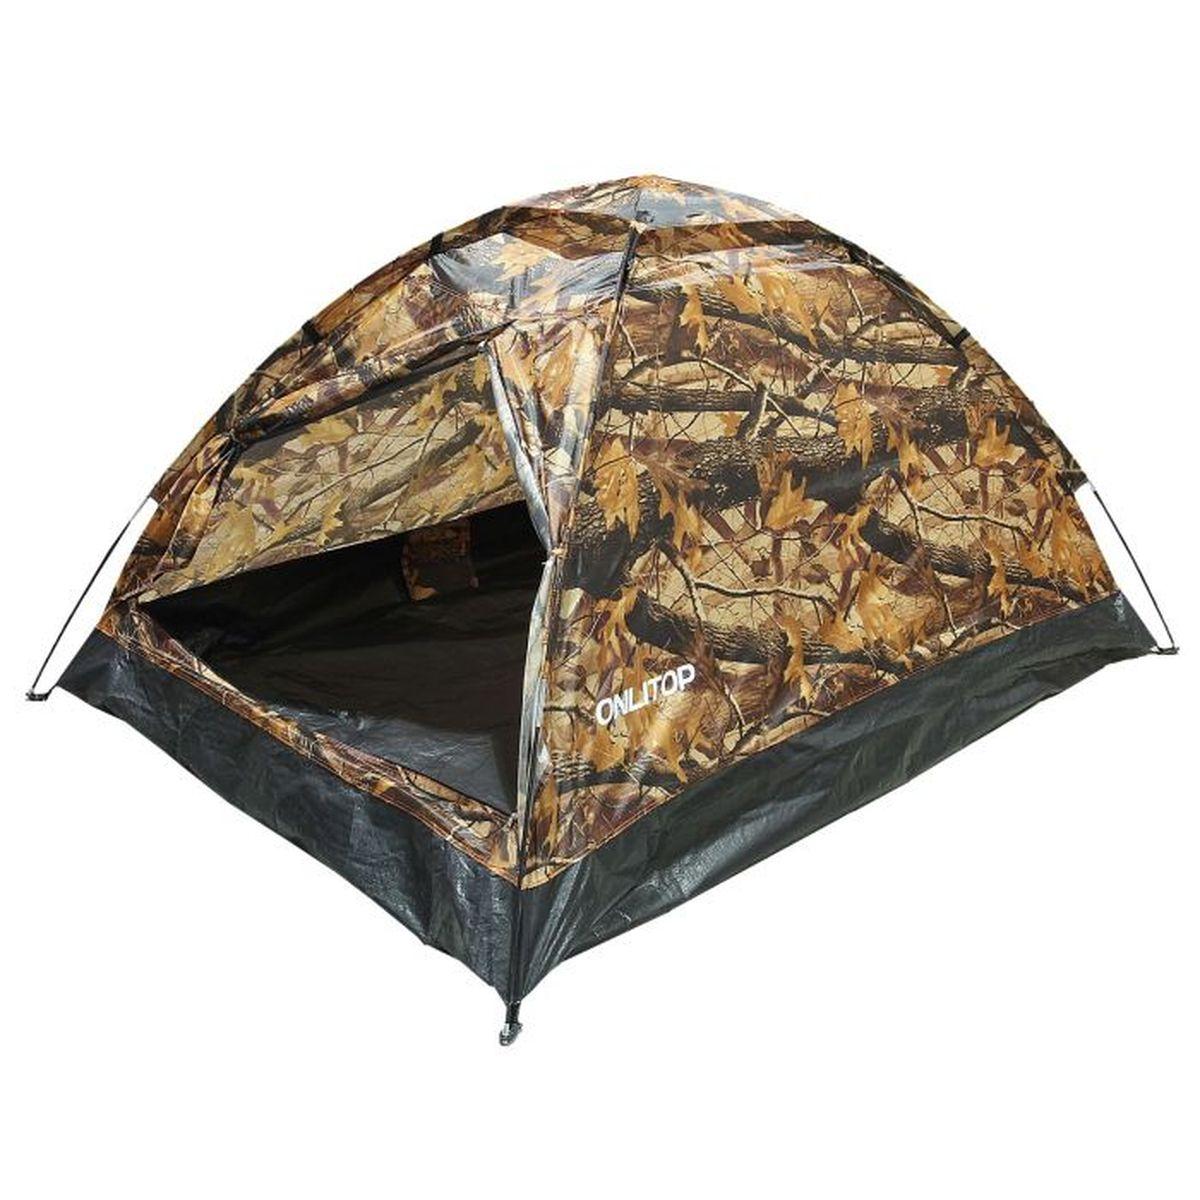 Палатка туристическая Onlitop SANDE II 2, цвет: хакиKOC2028LEDЕсли вы заядлый турист или просто любитель природы, вы хоть раз задумывались о ночёвке на свежем воздухе. Чтобы провести её с комфортом, вам понадобится отличная палатка, Она обеспечит безопасный досуг и защитит от непогоды и насекомых. Ткань рипстоп гарантирует длительную эксплуатацию палатки за счёт высокой прочности материала.